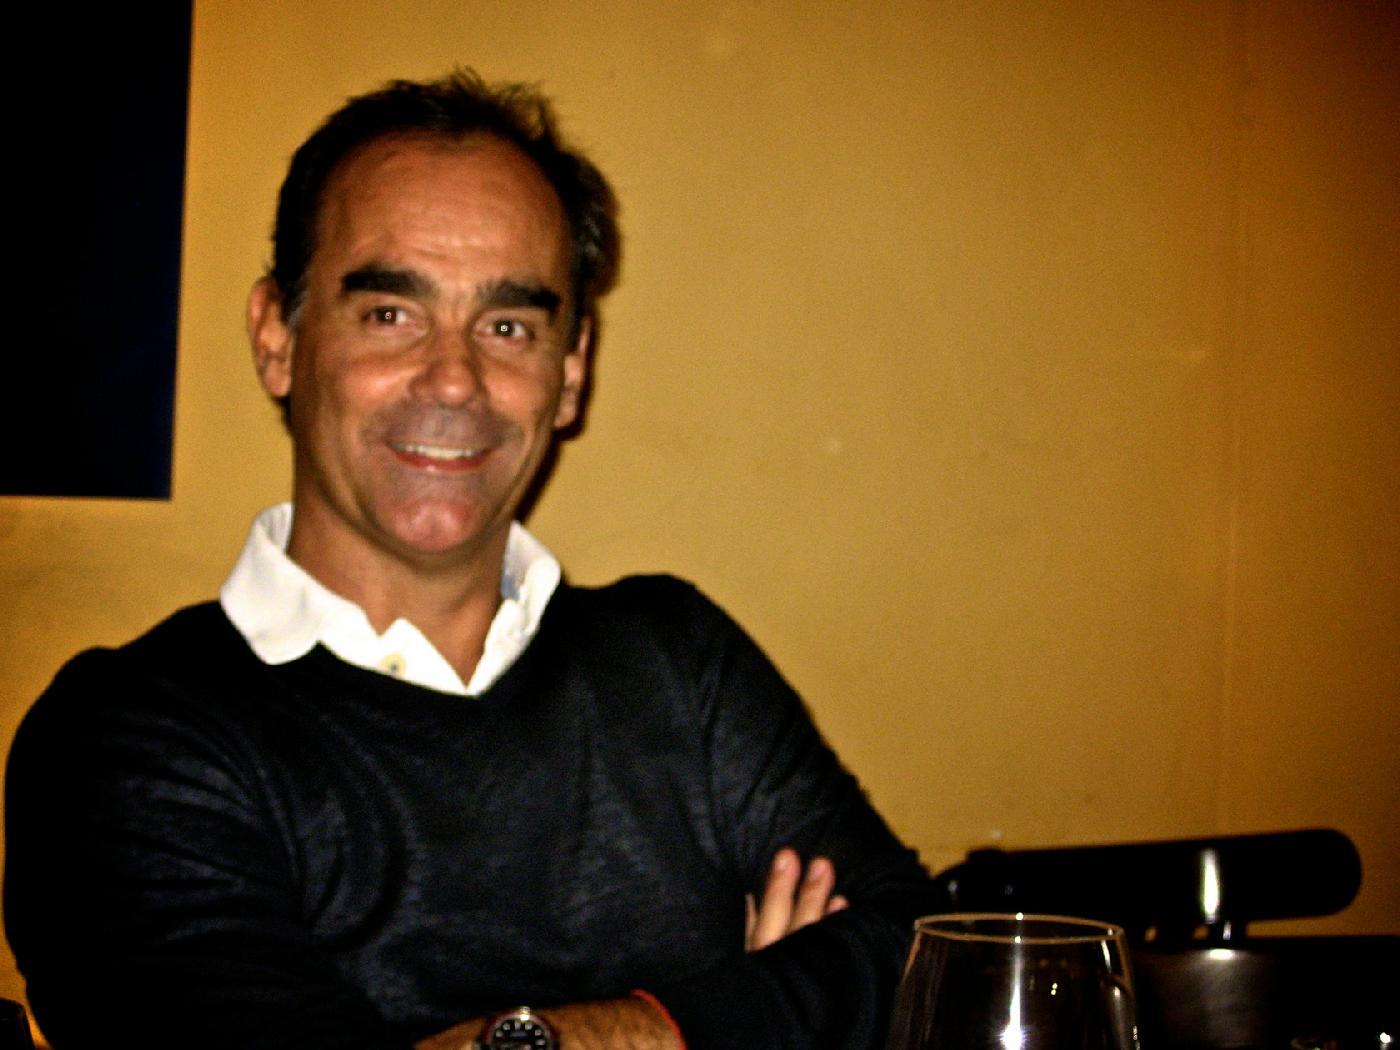 Jose Miguel Serra